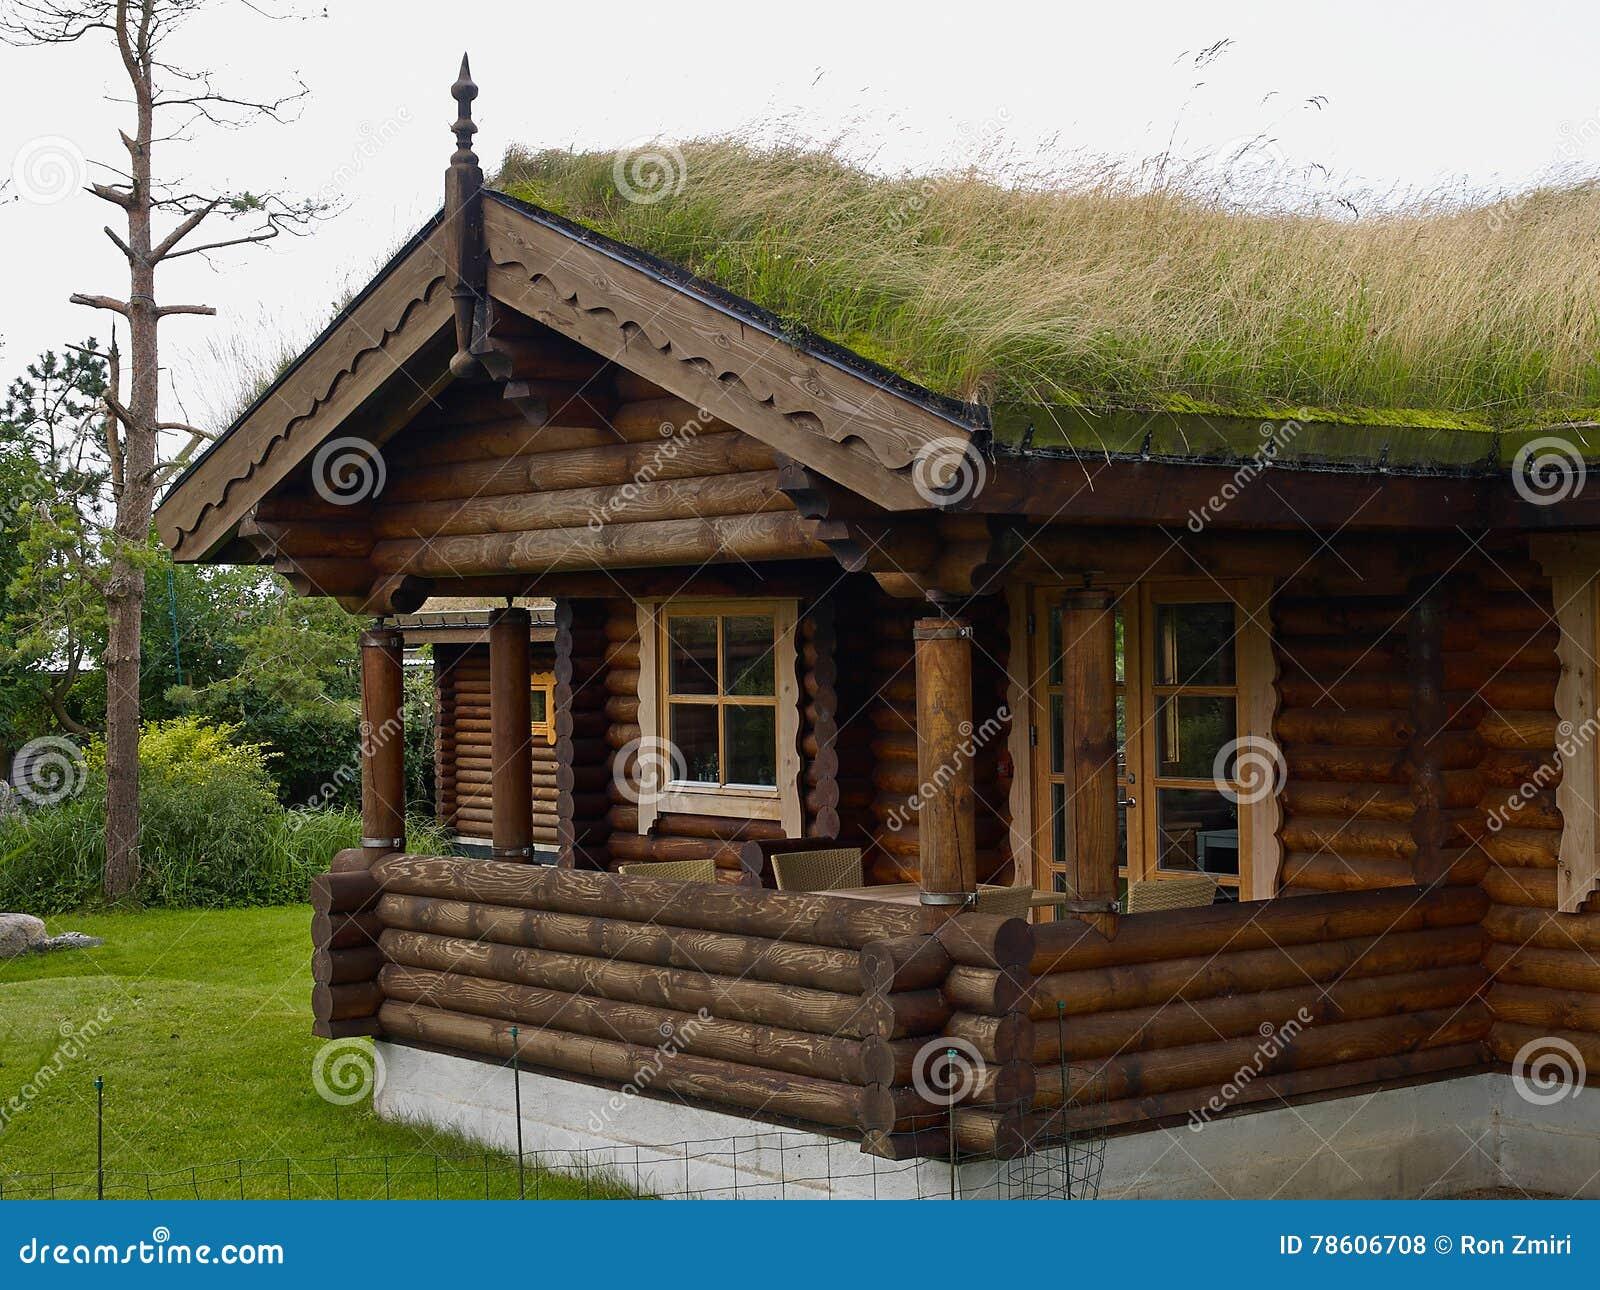 Case di montagna in legno interni case di montagna with for Case di legnosr